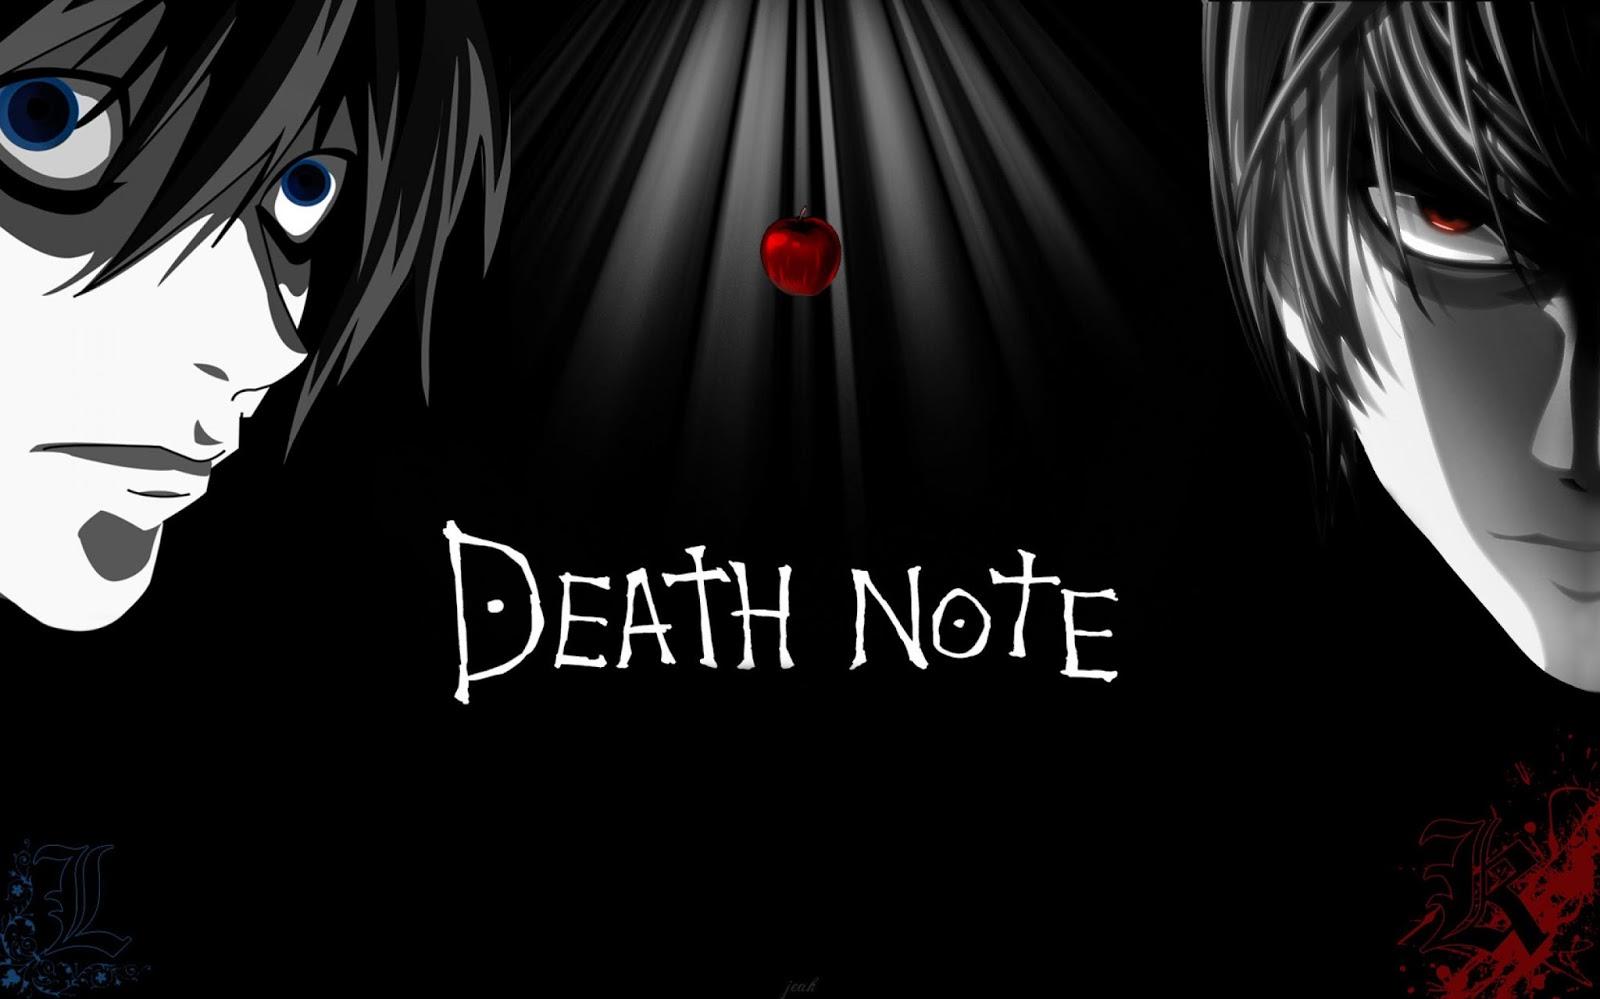 Primera impresión del Live action de Death Note